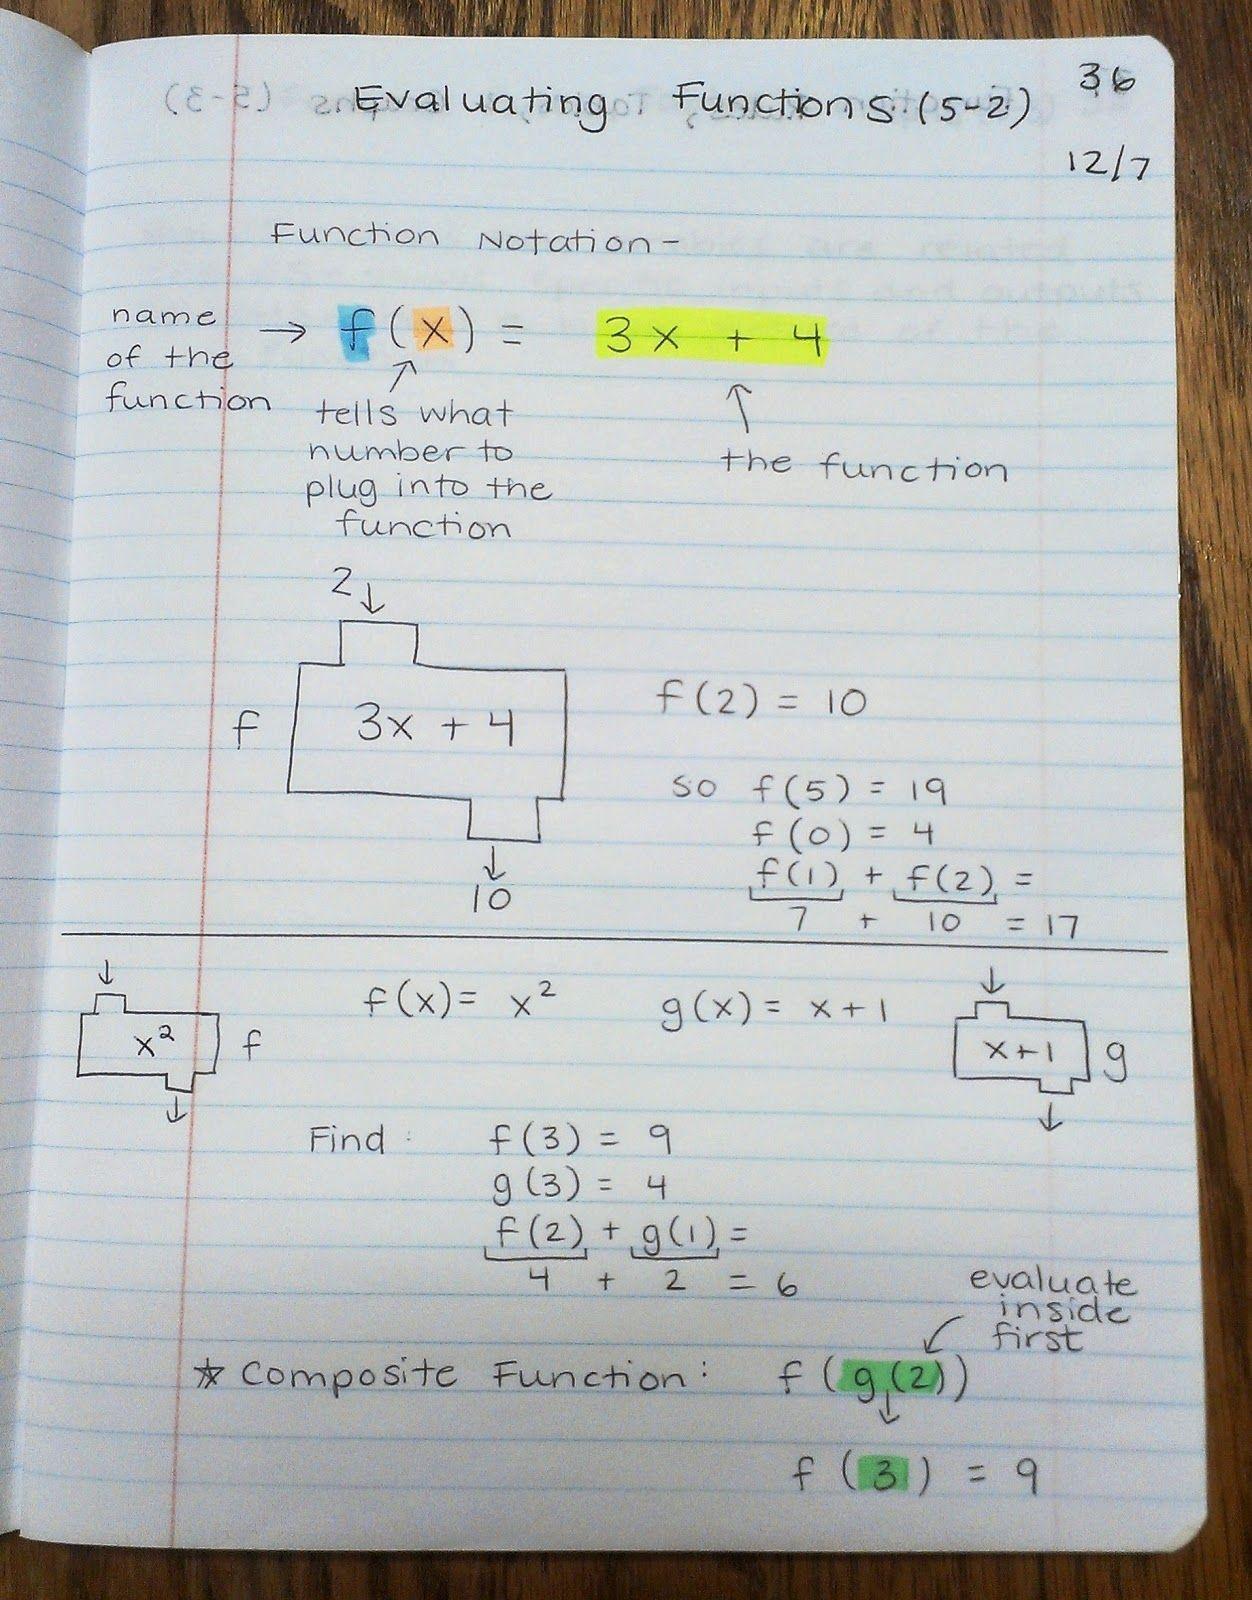 Everybody Is A Genius Teaching Functions Standard2